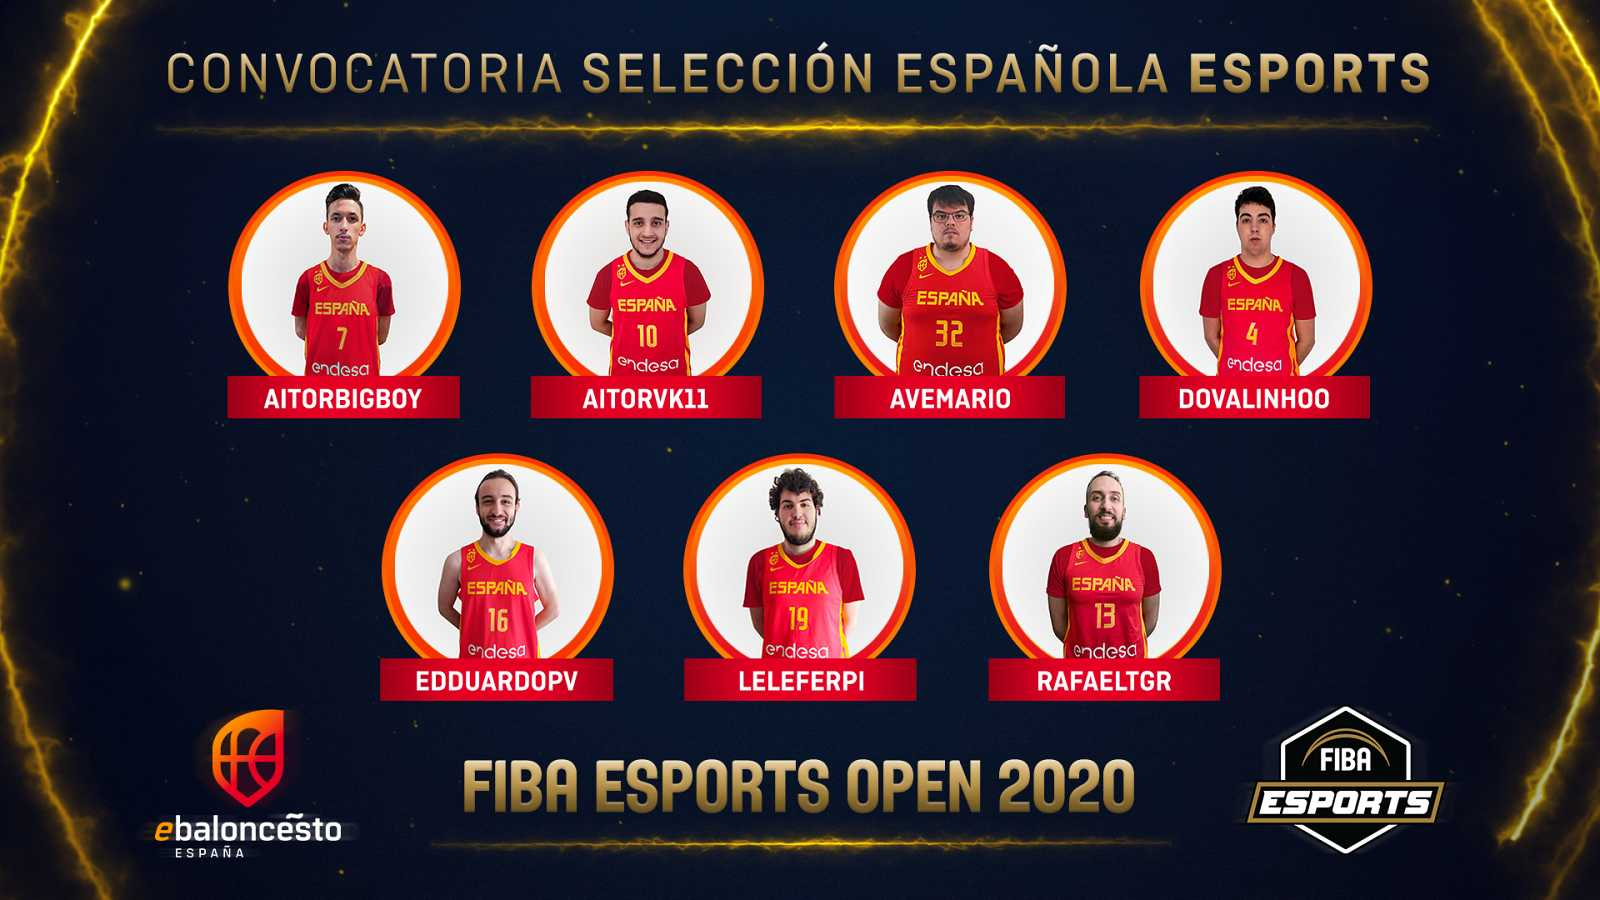 Imagen de la primera convocatoria de la selección española de NBA 2K